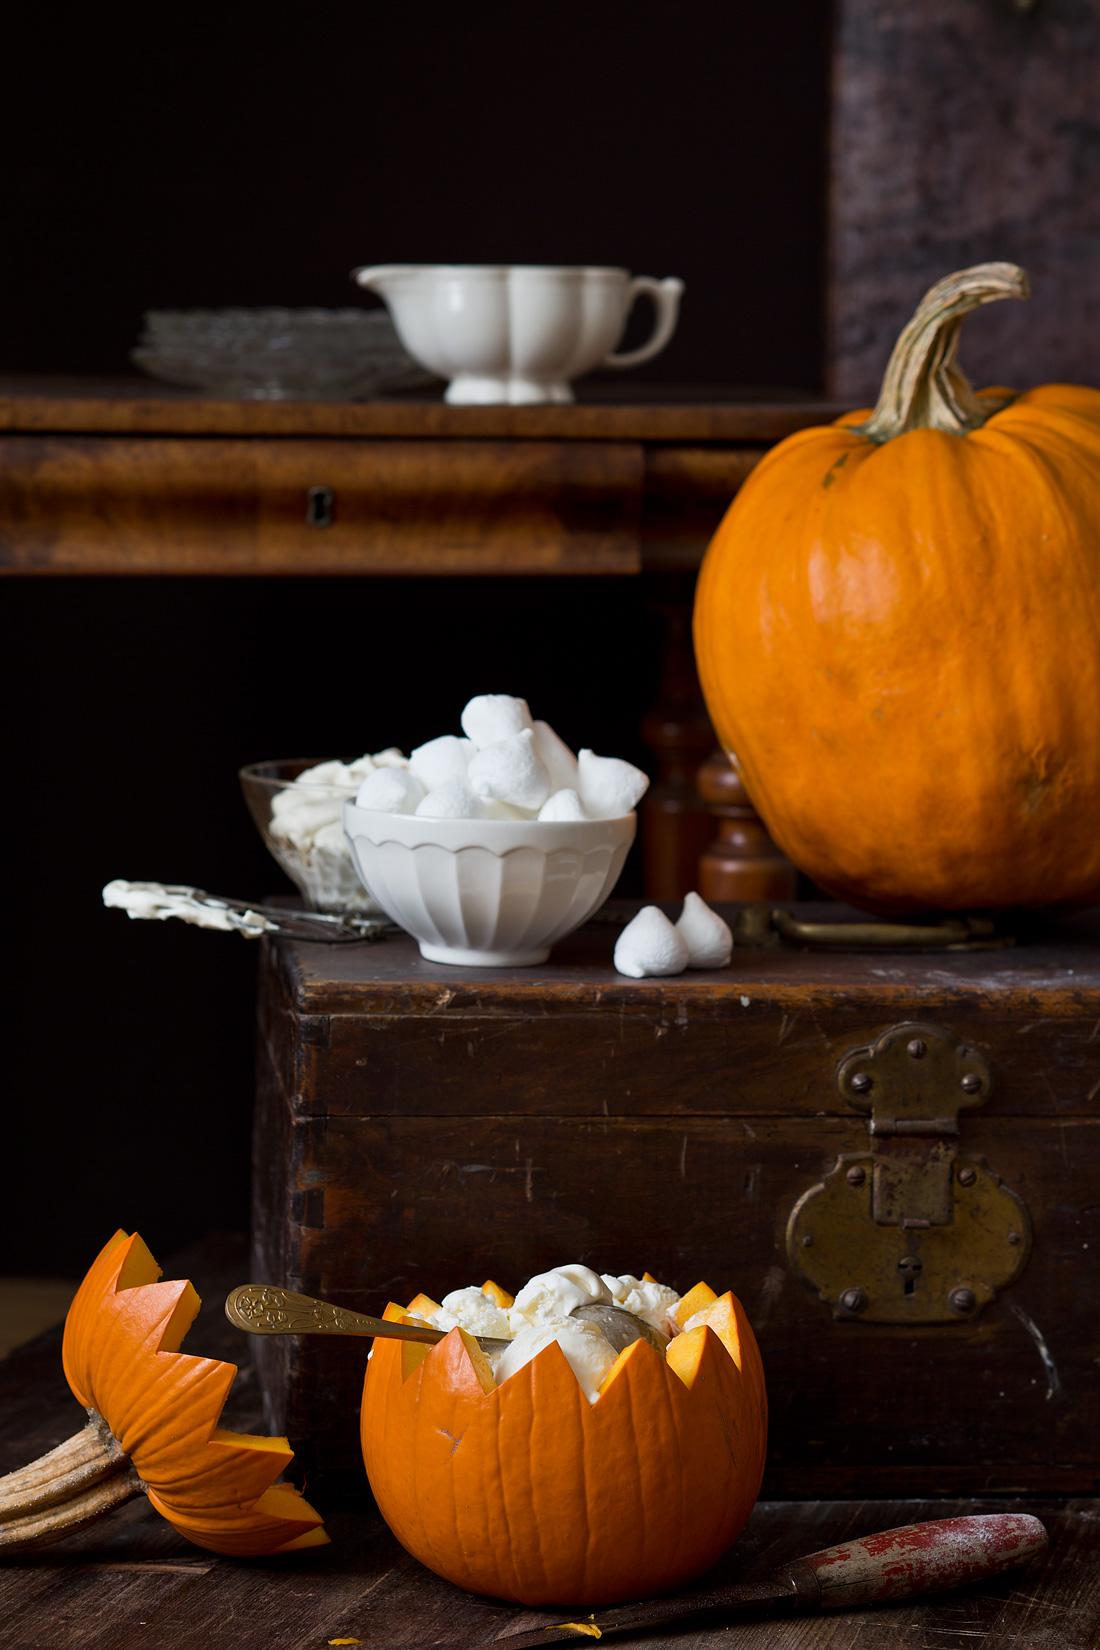 Halloweenpumpkin3©Anna-Lefvert